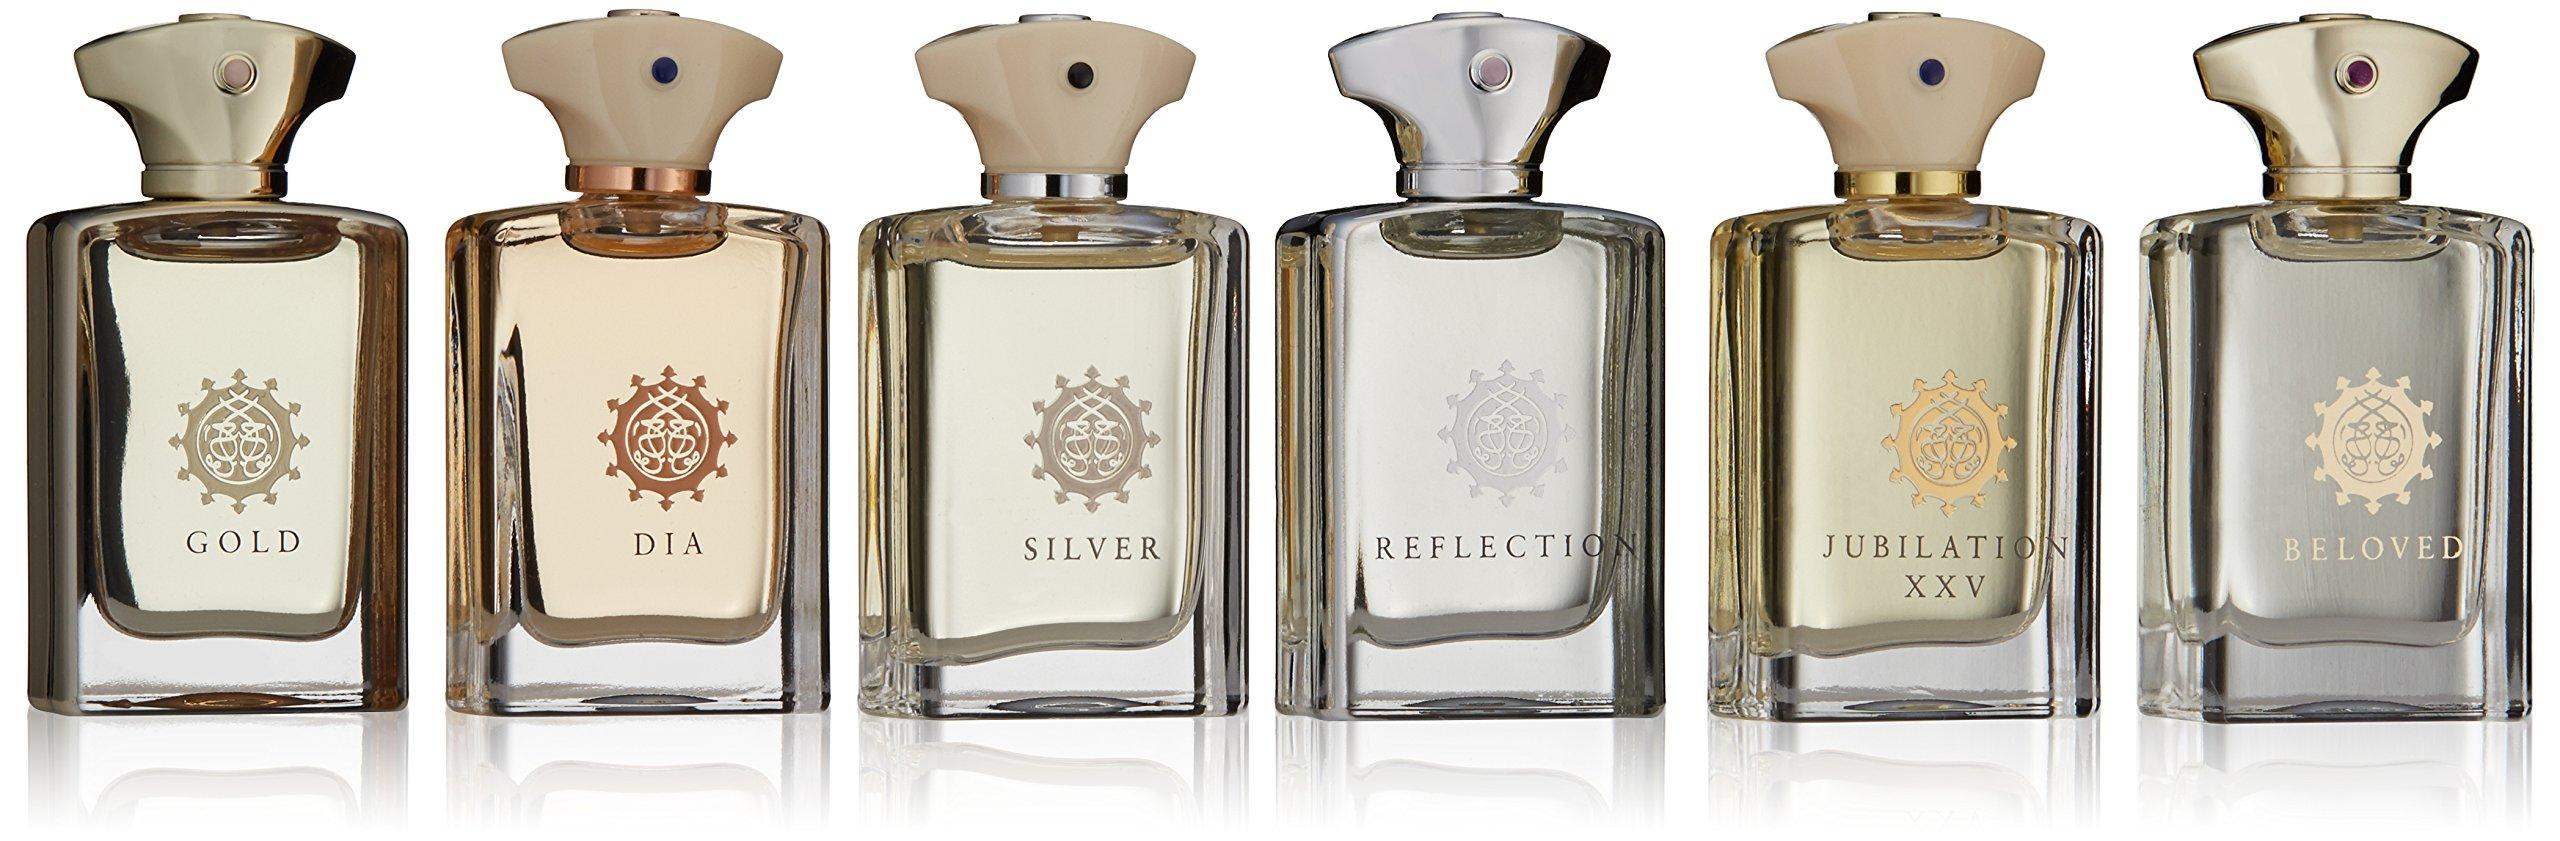 AMOUAGE Miniatures Bottles Collection Classic Men's Fragrance Set